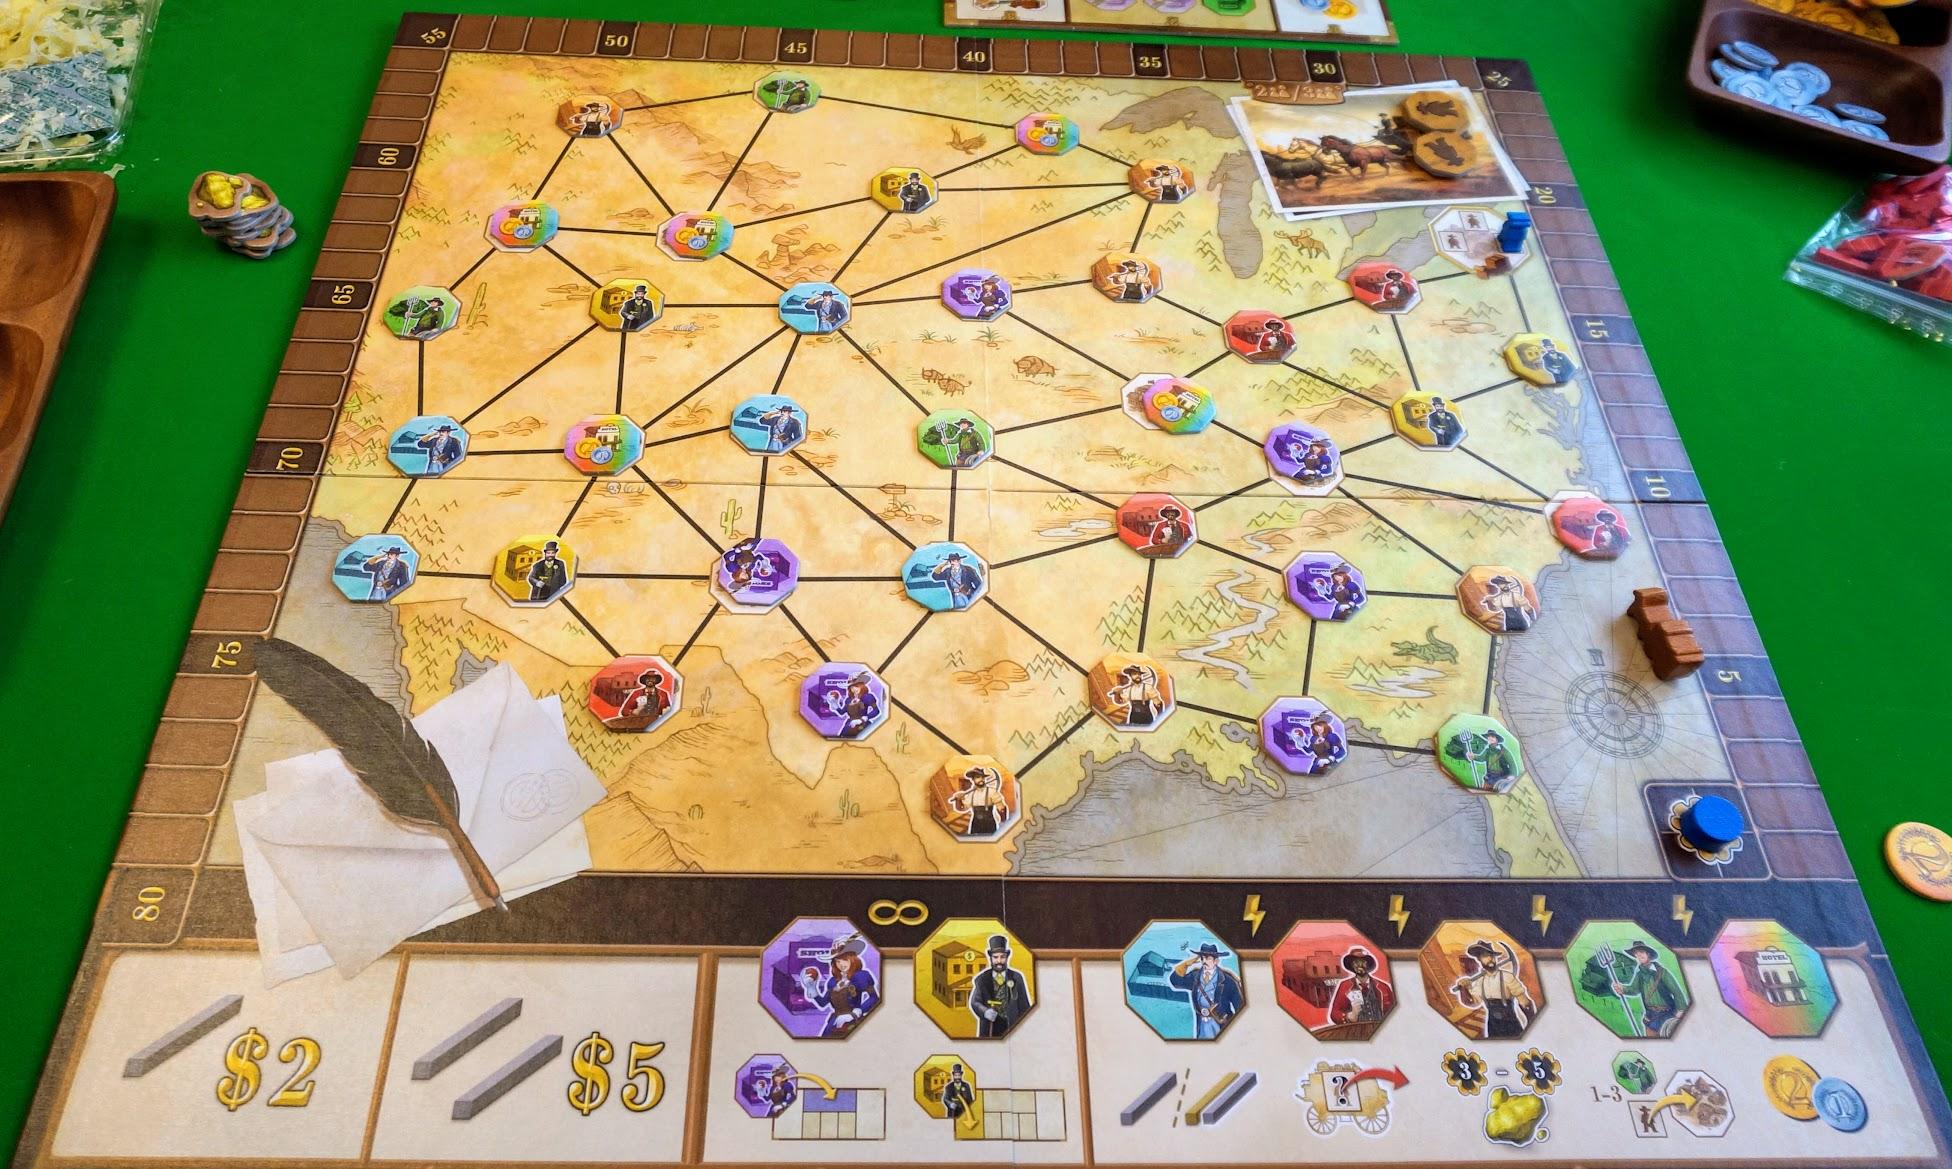 パイオニア:ゲームの準備